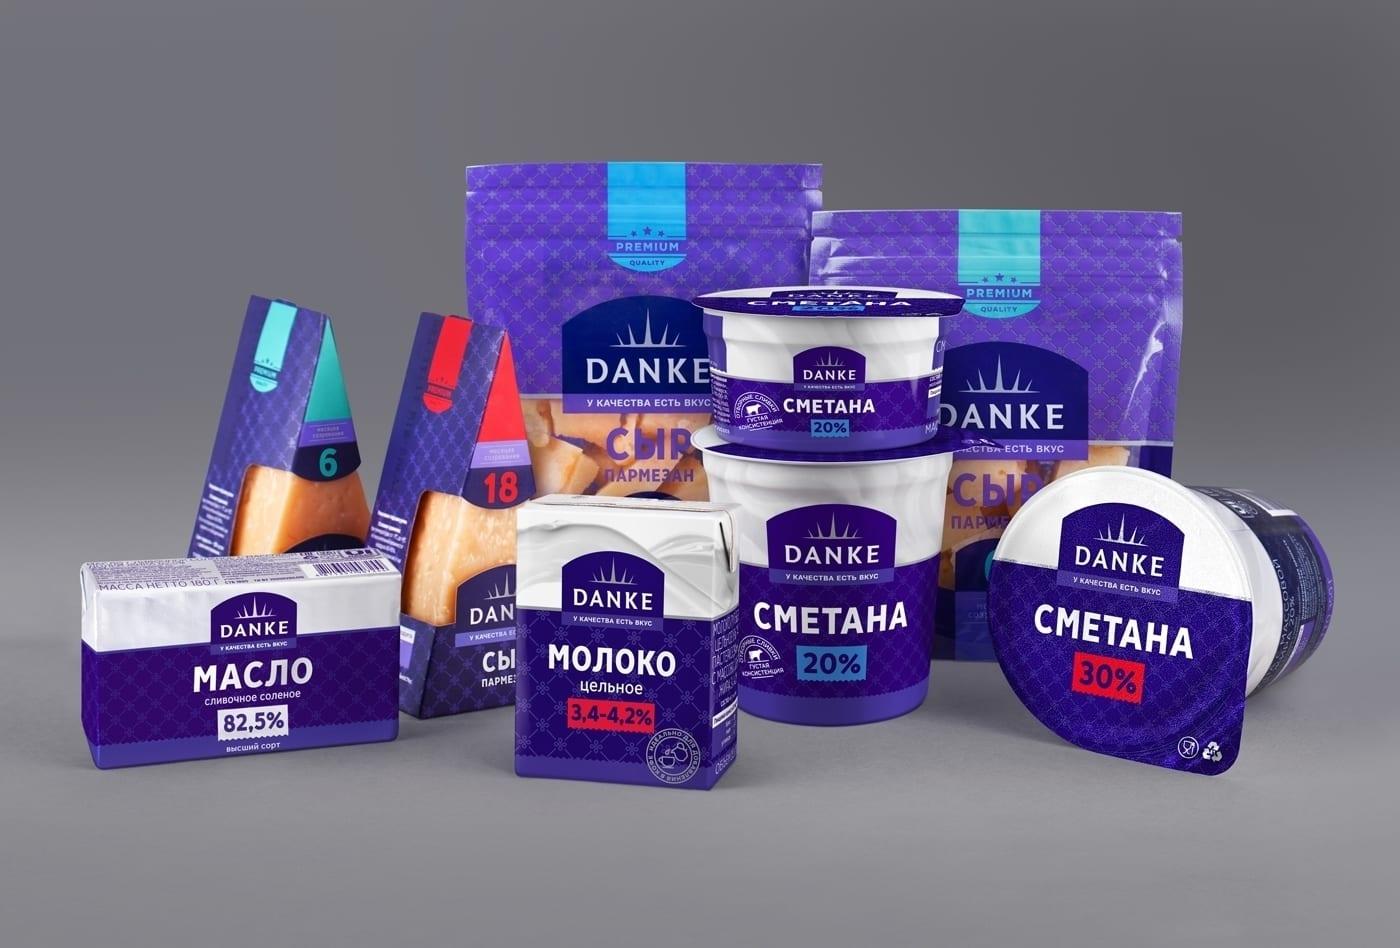 DANKE 10 - Ach, tie obaly – Danke Dairy mléčné výrobky